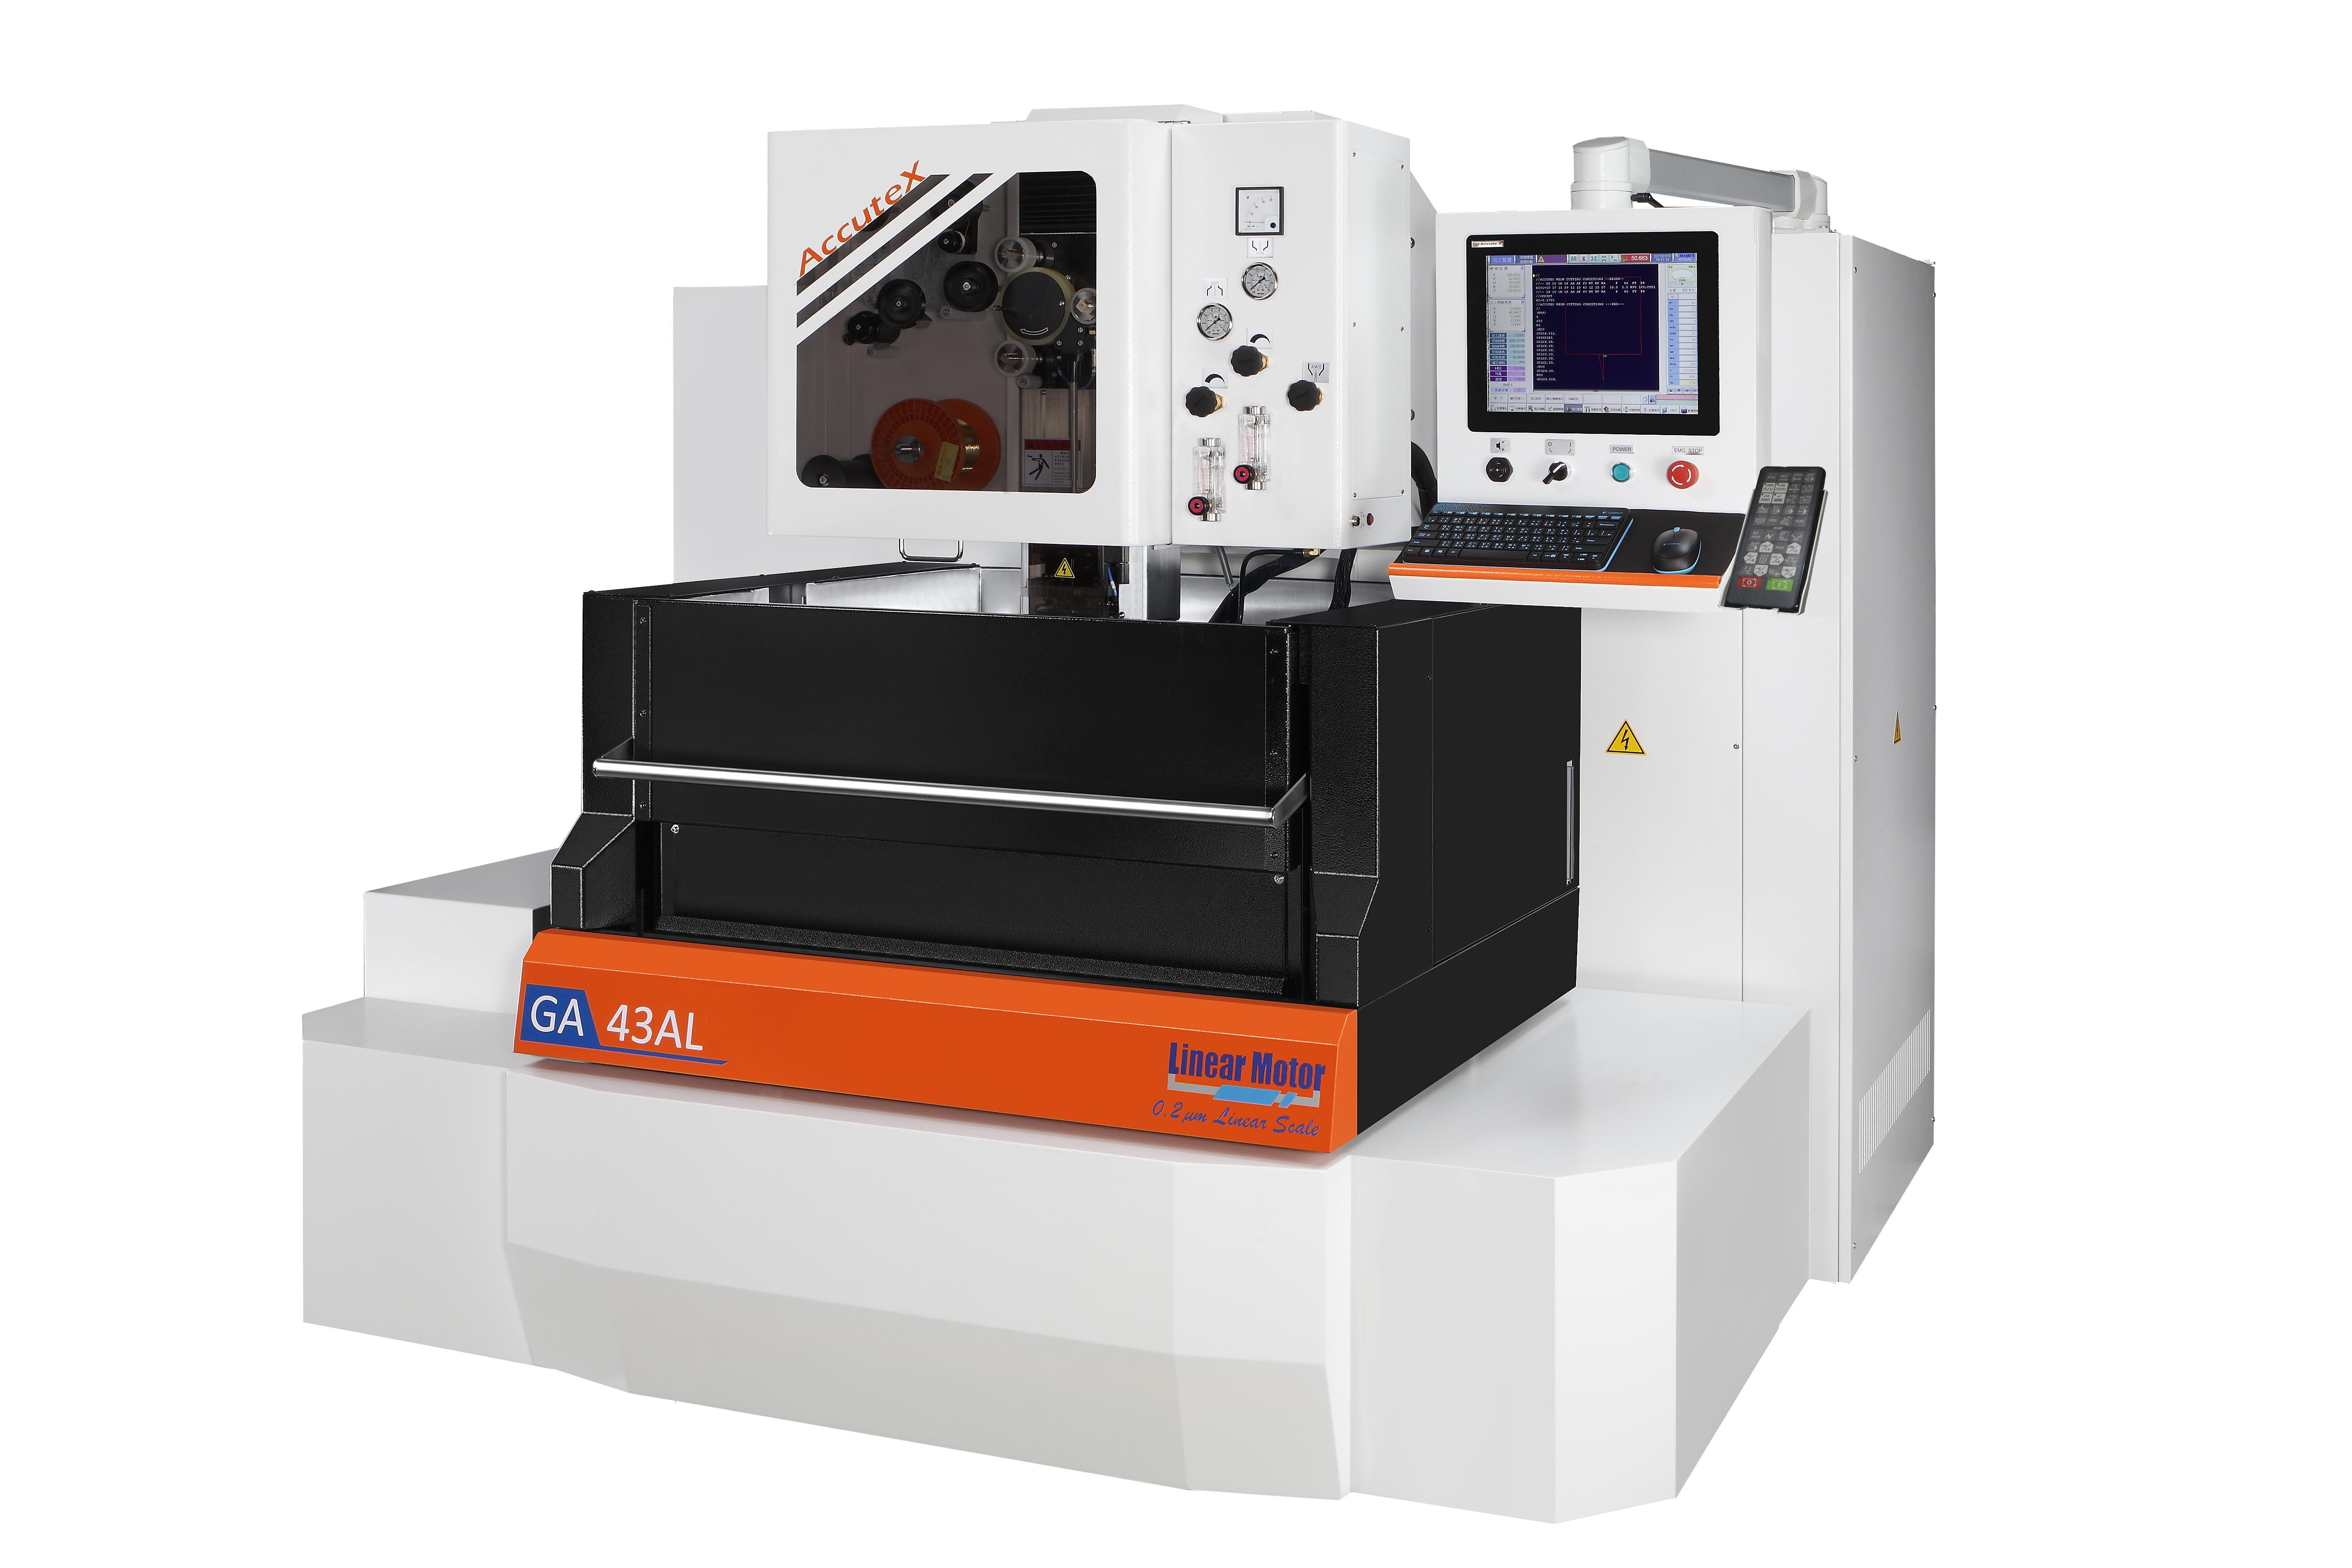 高效能線馬線切割放電加工機 / 徠通科技股份有限公司